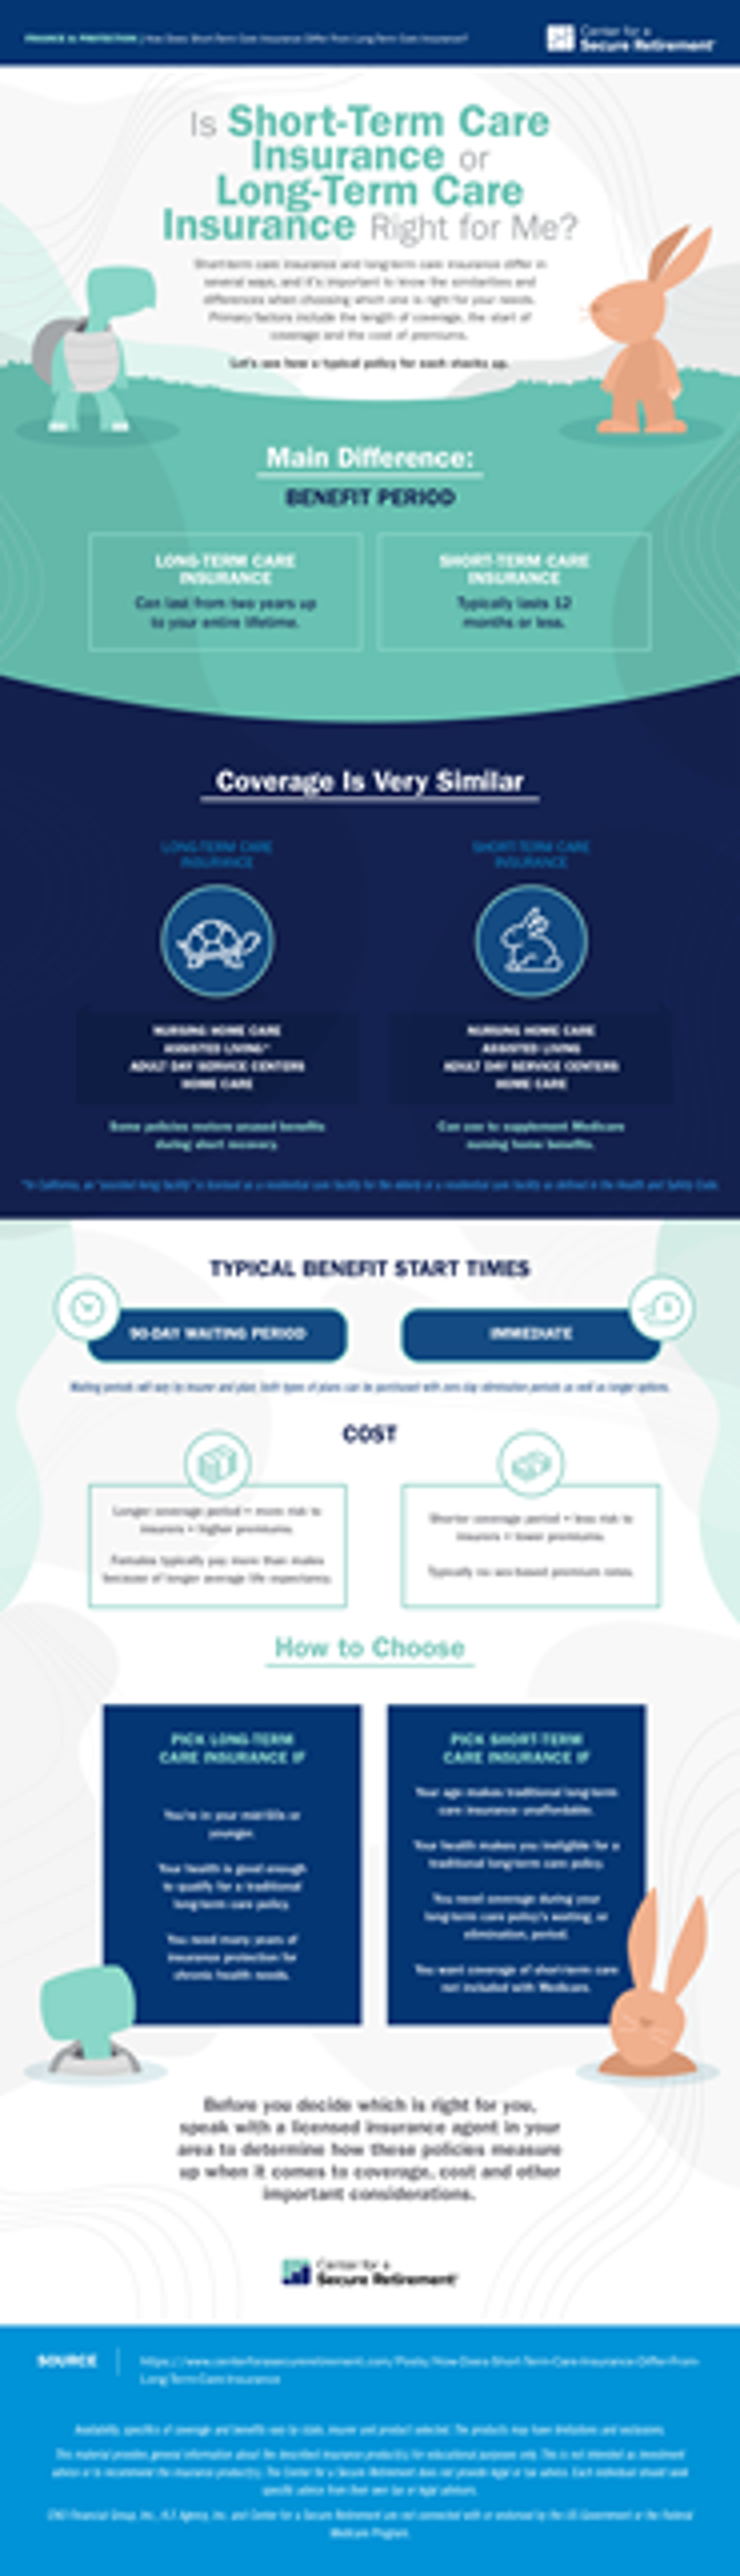 Short Term Care vs Long Term Care Insurance